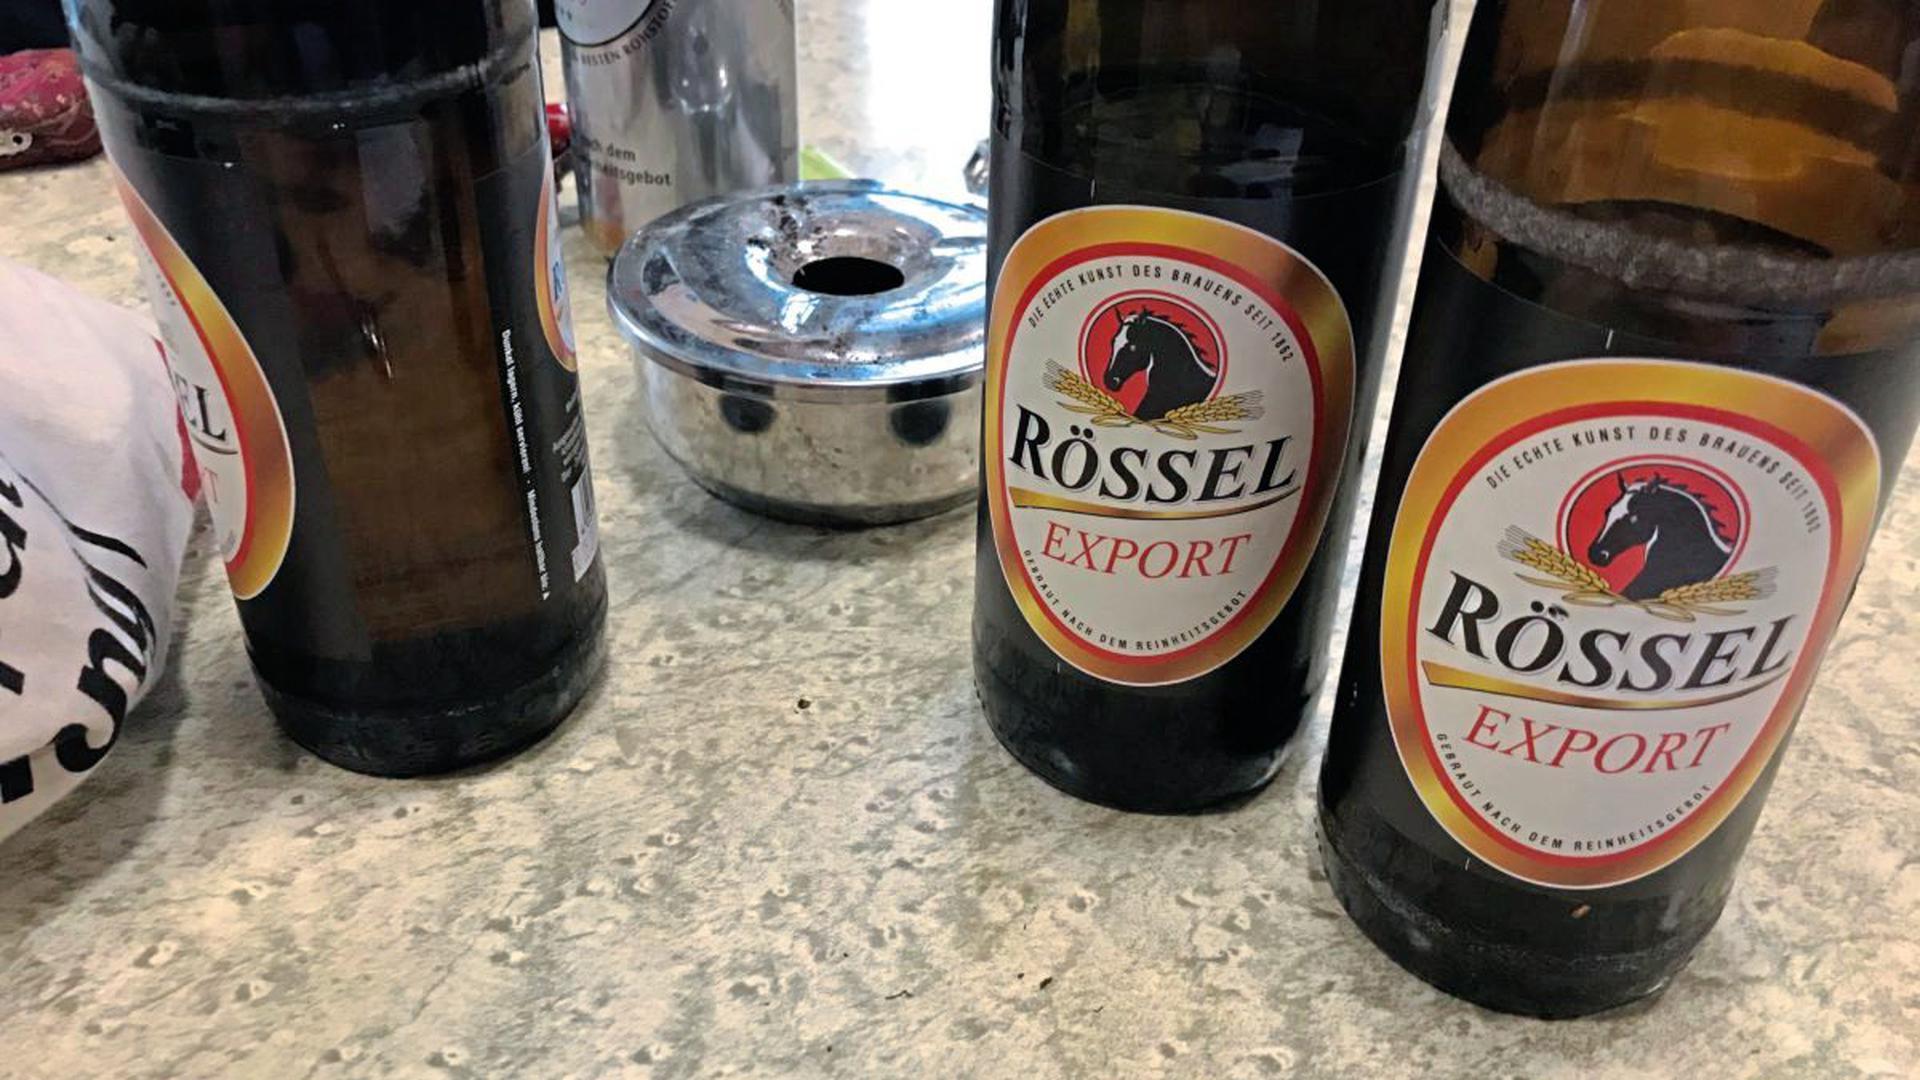 Manche Klienten trinken im A³ einfach nur Tee oder Kaffee, aber Bier und Wein sind erlaubt und akzeptiert.